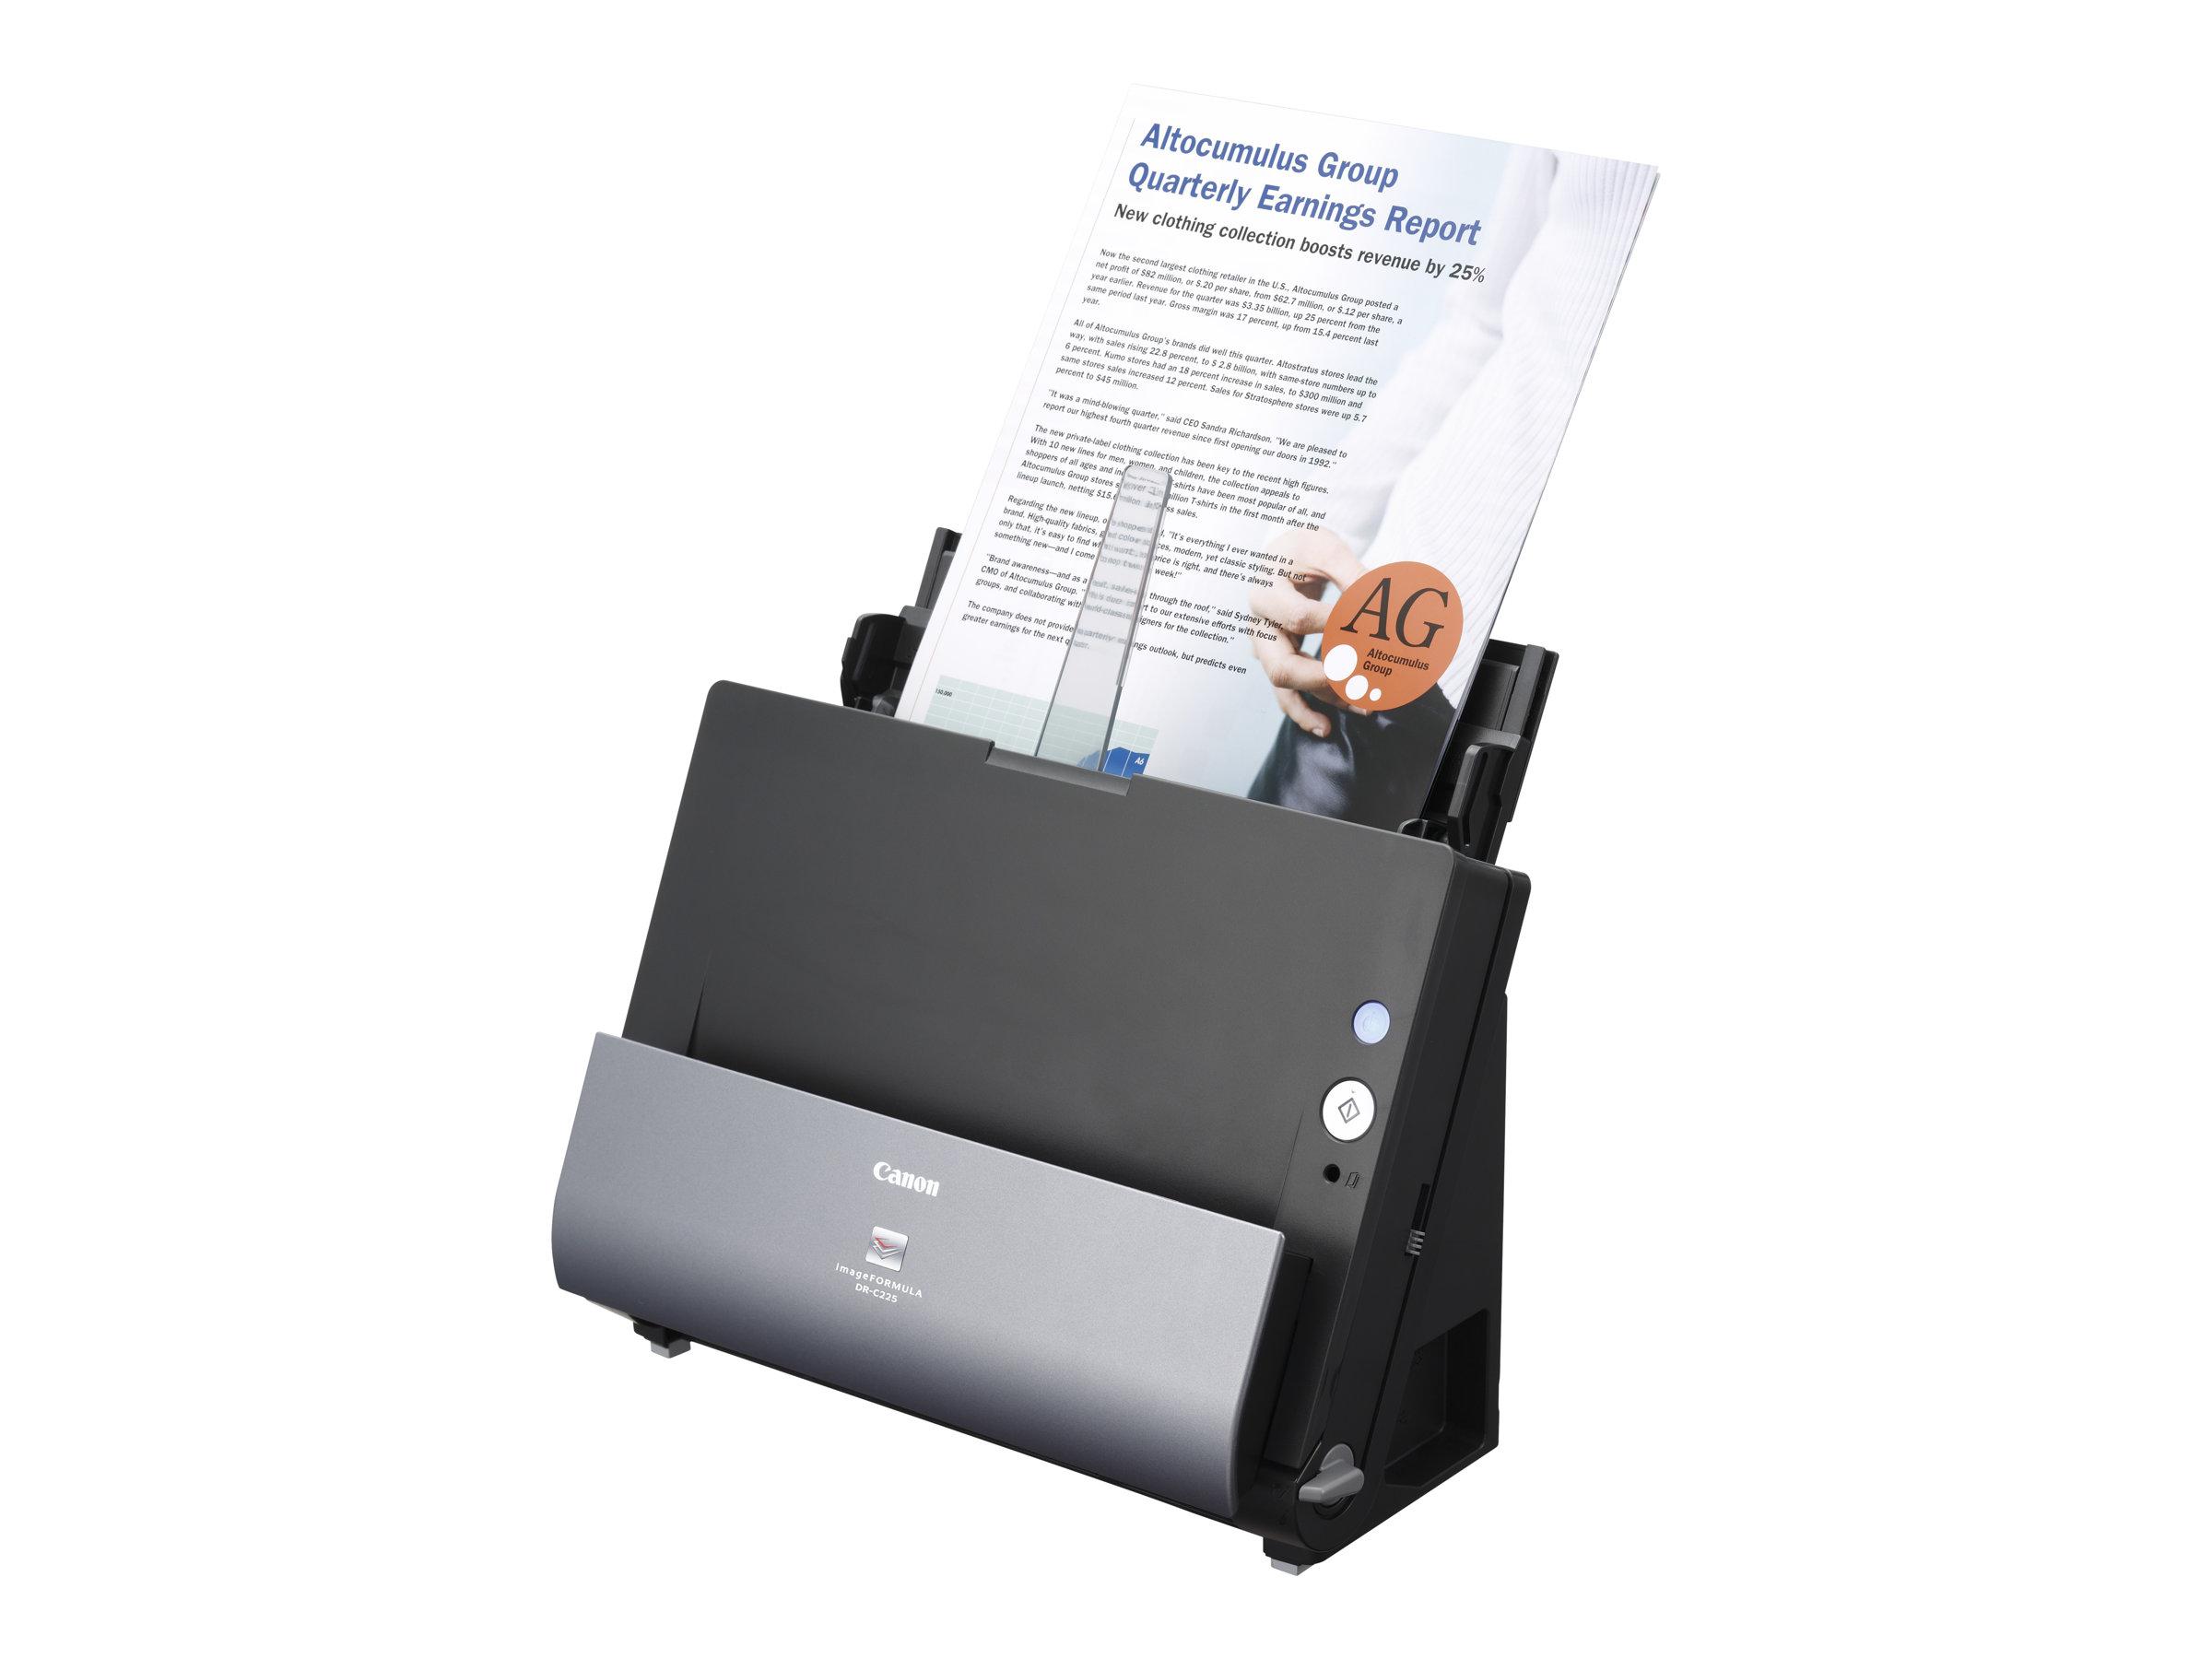 Canon imageFORMULA DR-C225W II - Dokumentenscanner - Duplex - 600 dpi x 600 dpi - bis zu 25 Seiten/Min. (einfarbig)